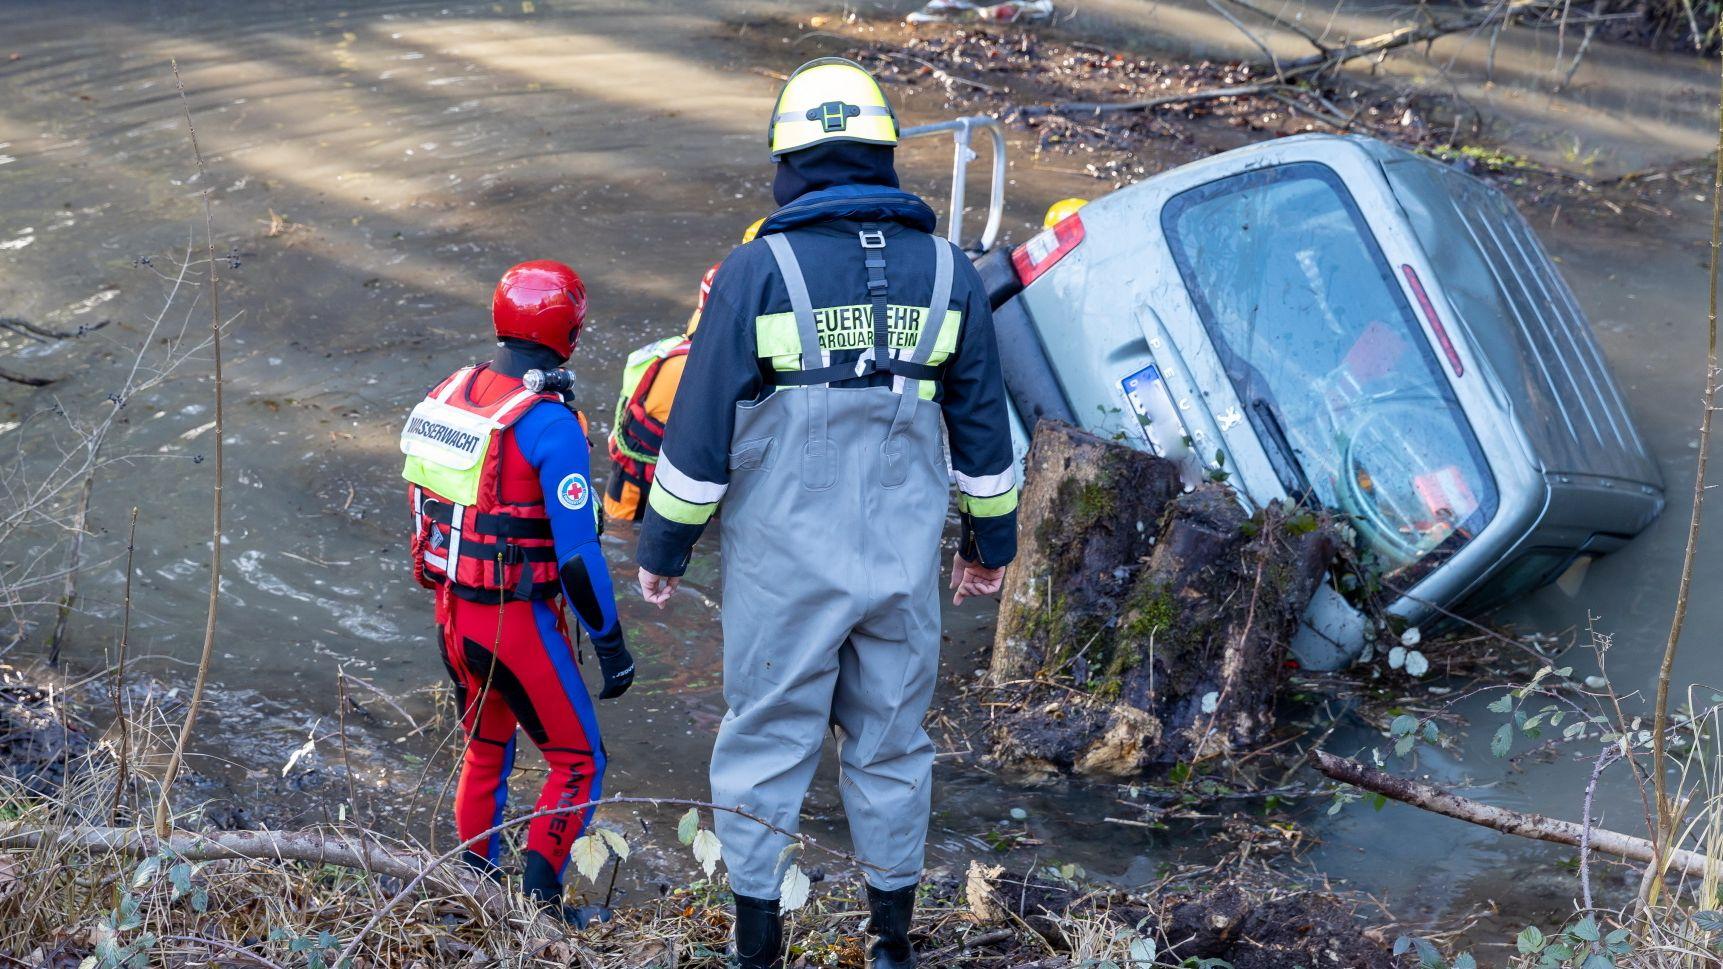 Rettungskräfte an der Unfallstelle